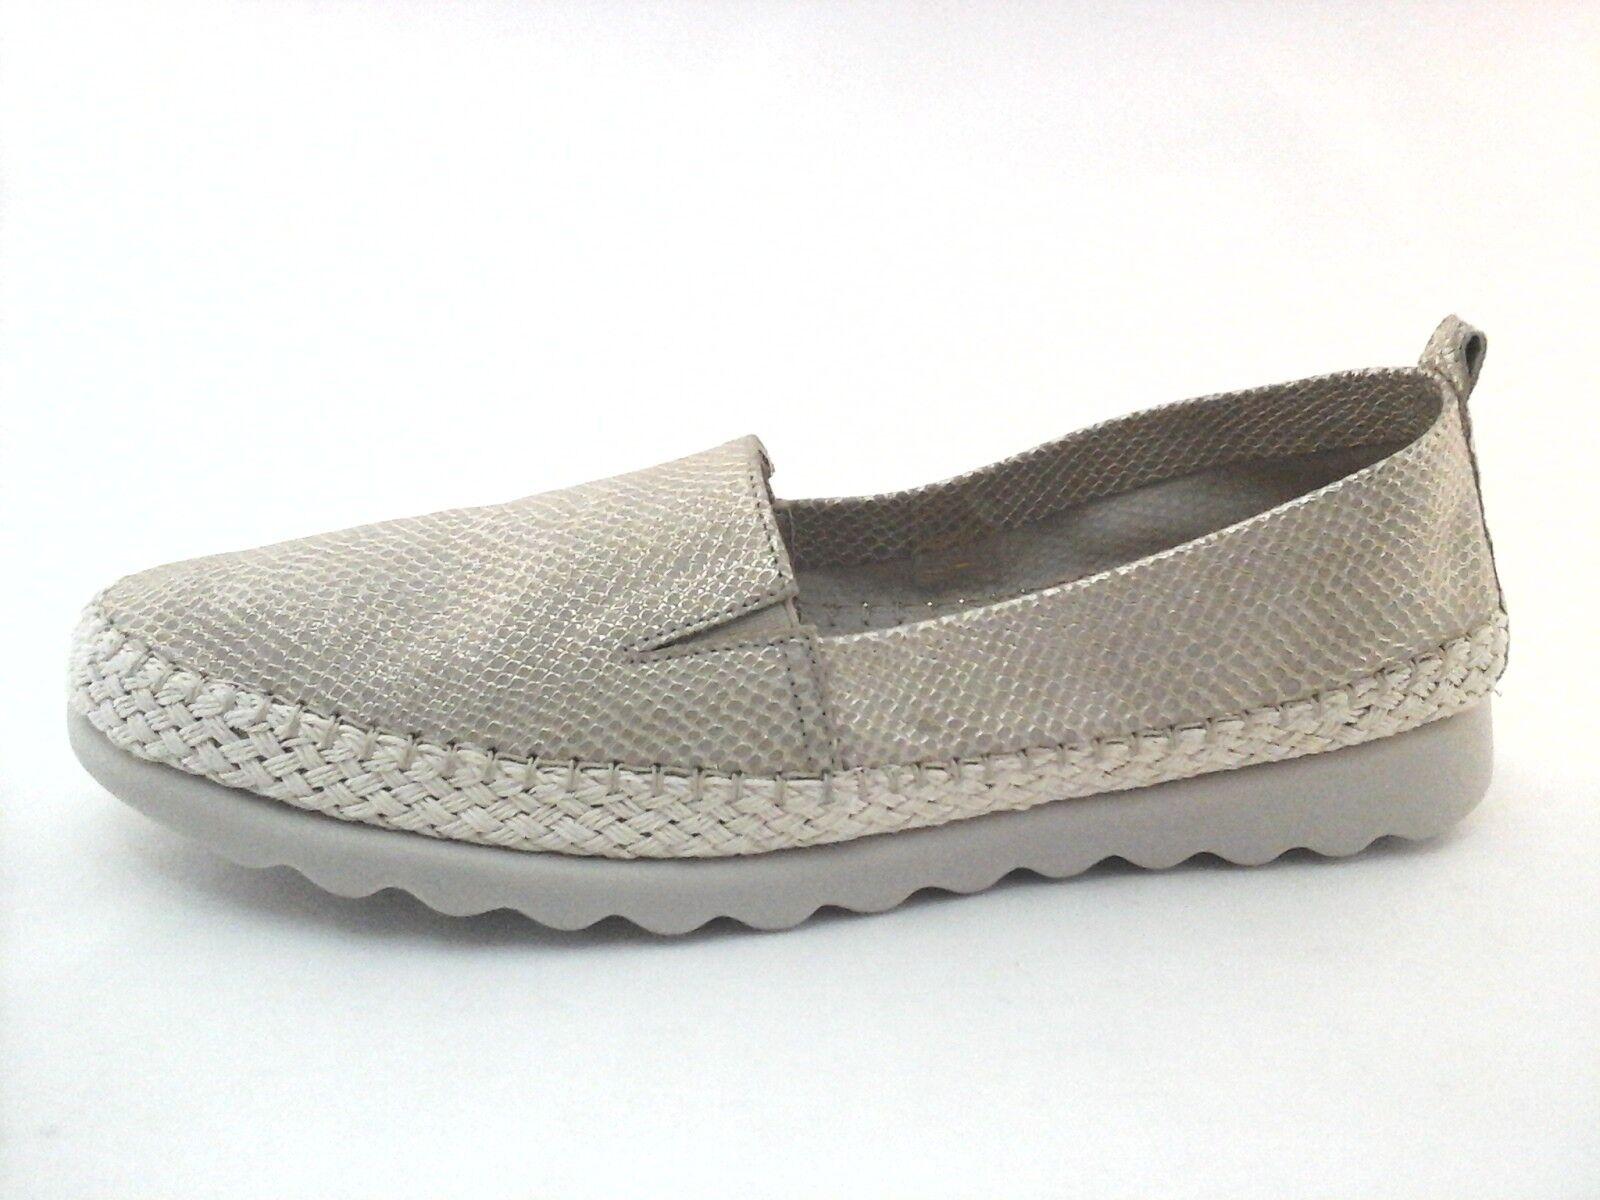 The The The Flexx Zapatos Chappie Alpargatas Tacón Bajo oro Metálico Serpiente US 9 EU 40.5  130  caliente